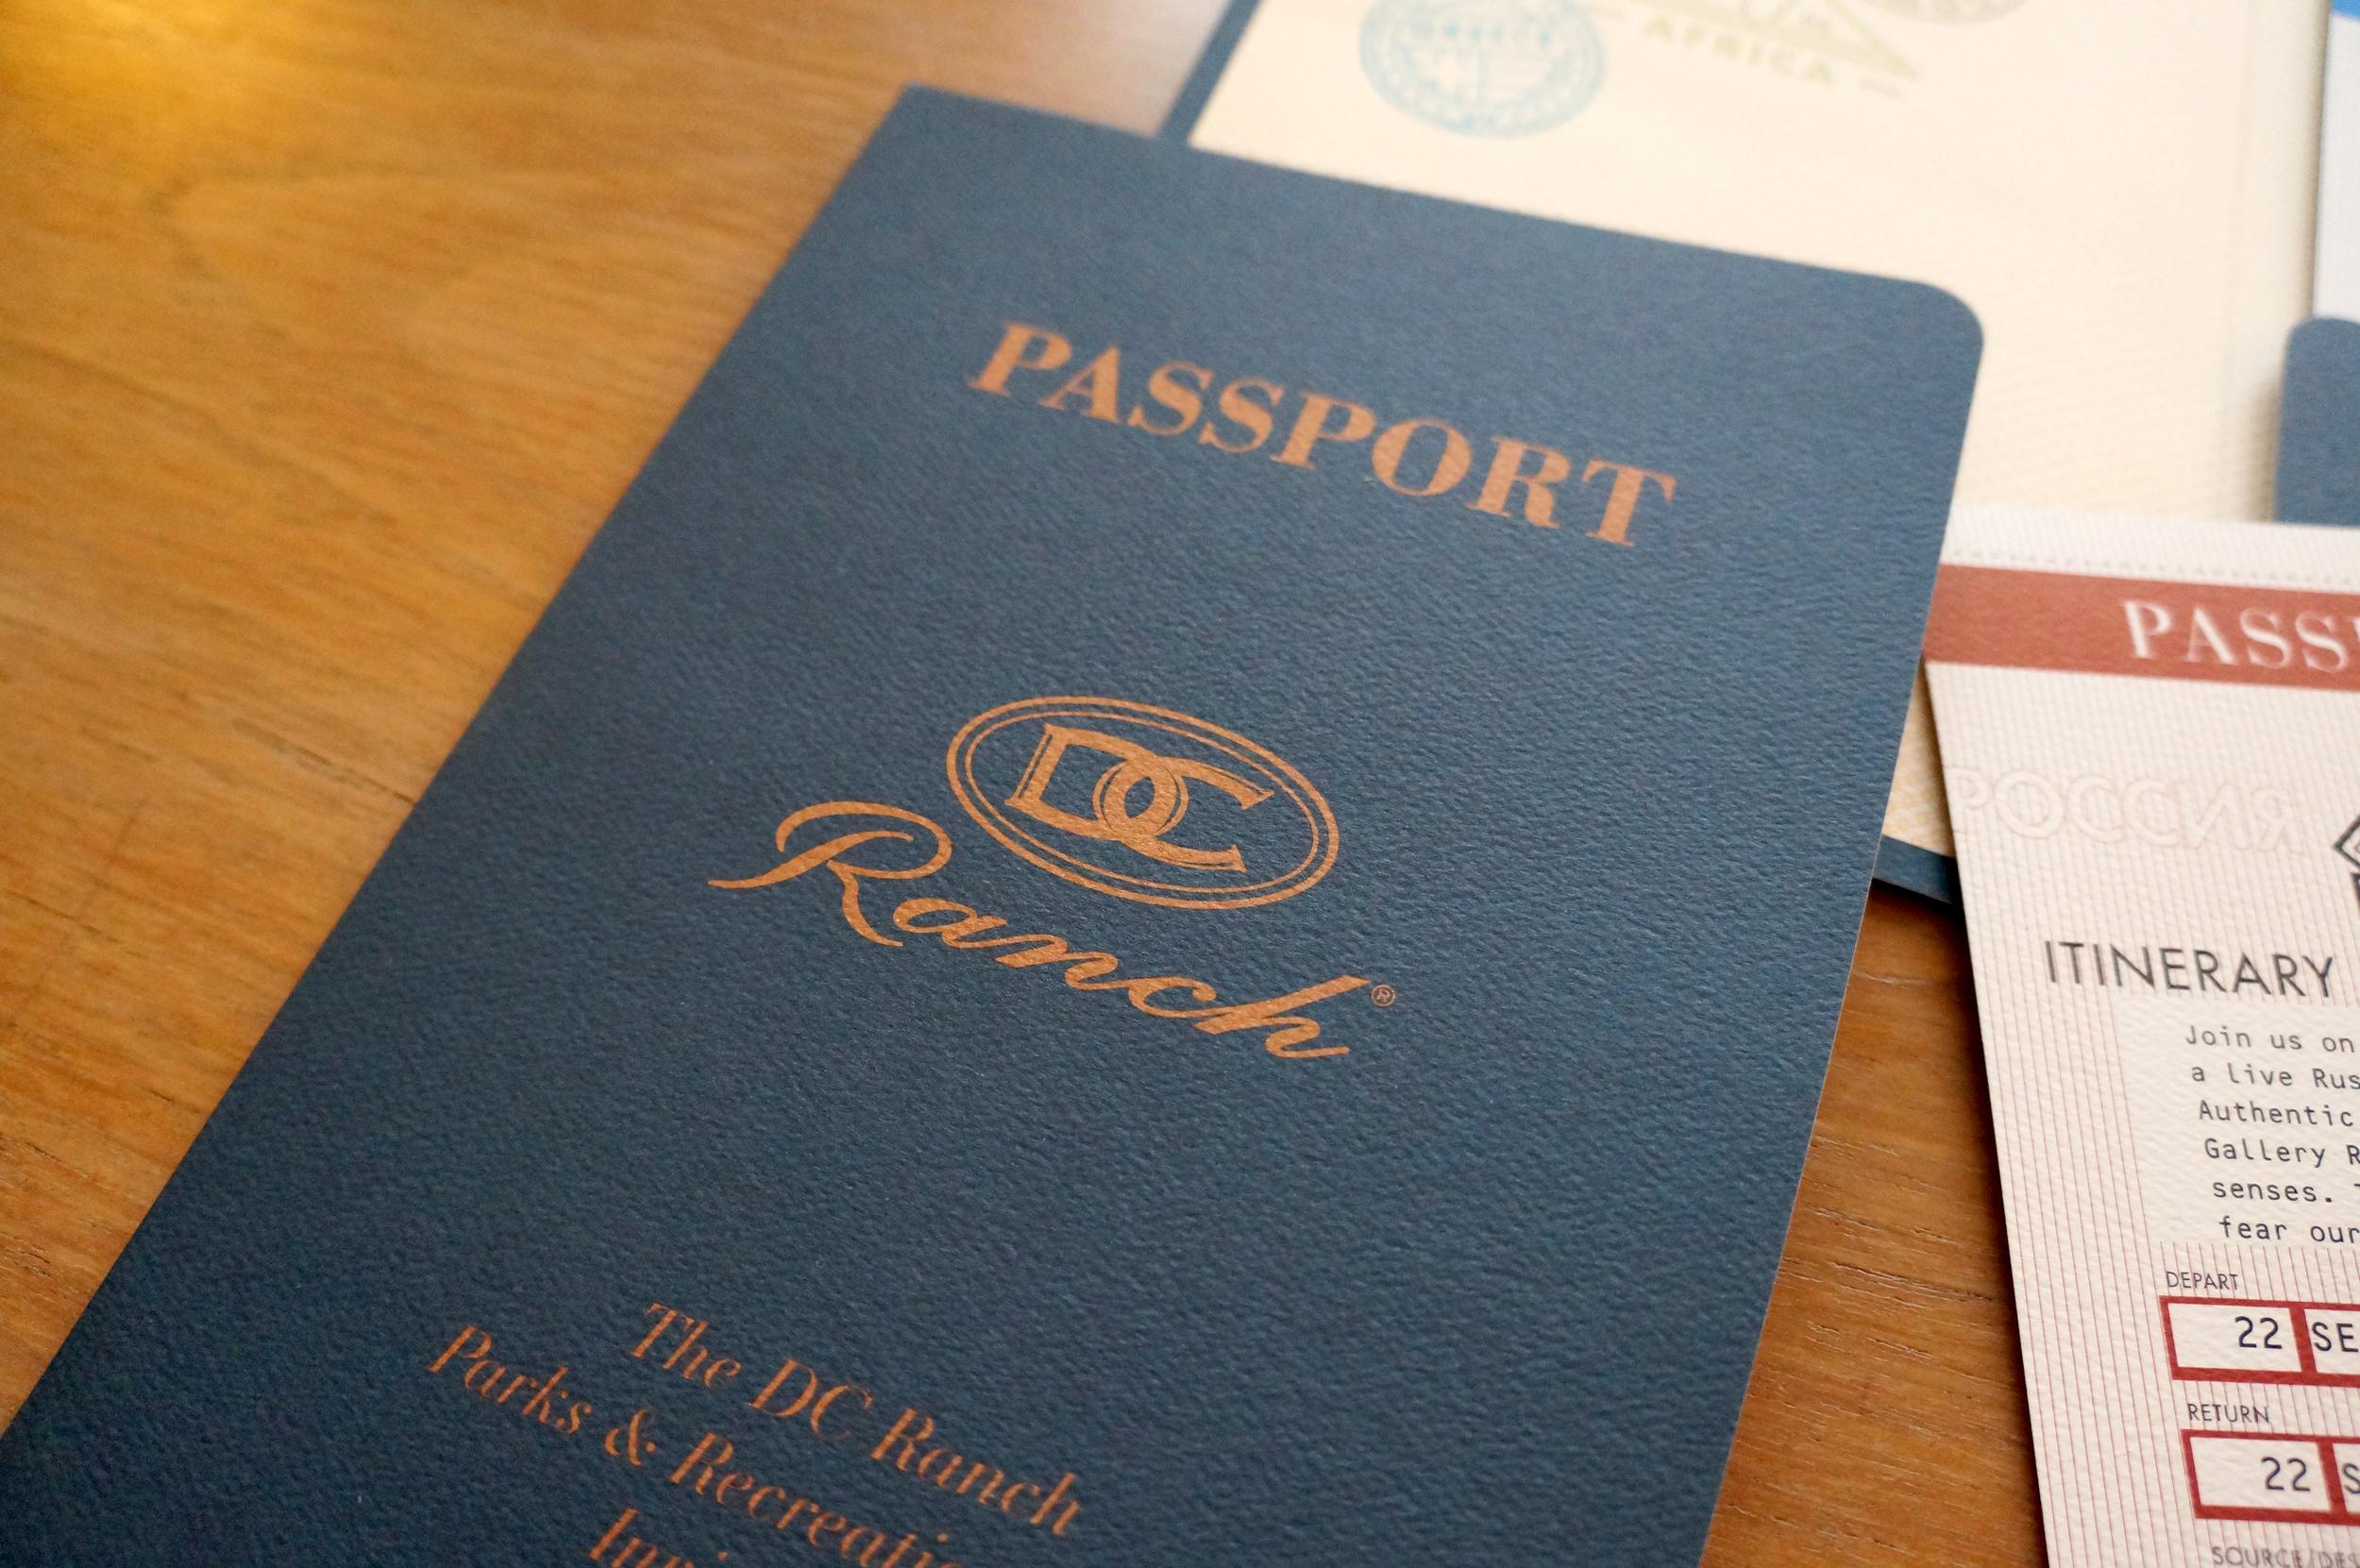 Sommerset_Work_DCRanchPrint_PassportCover.jpg